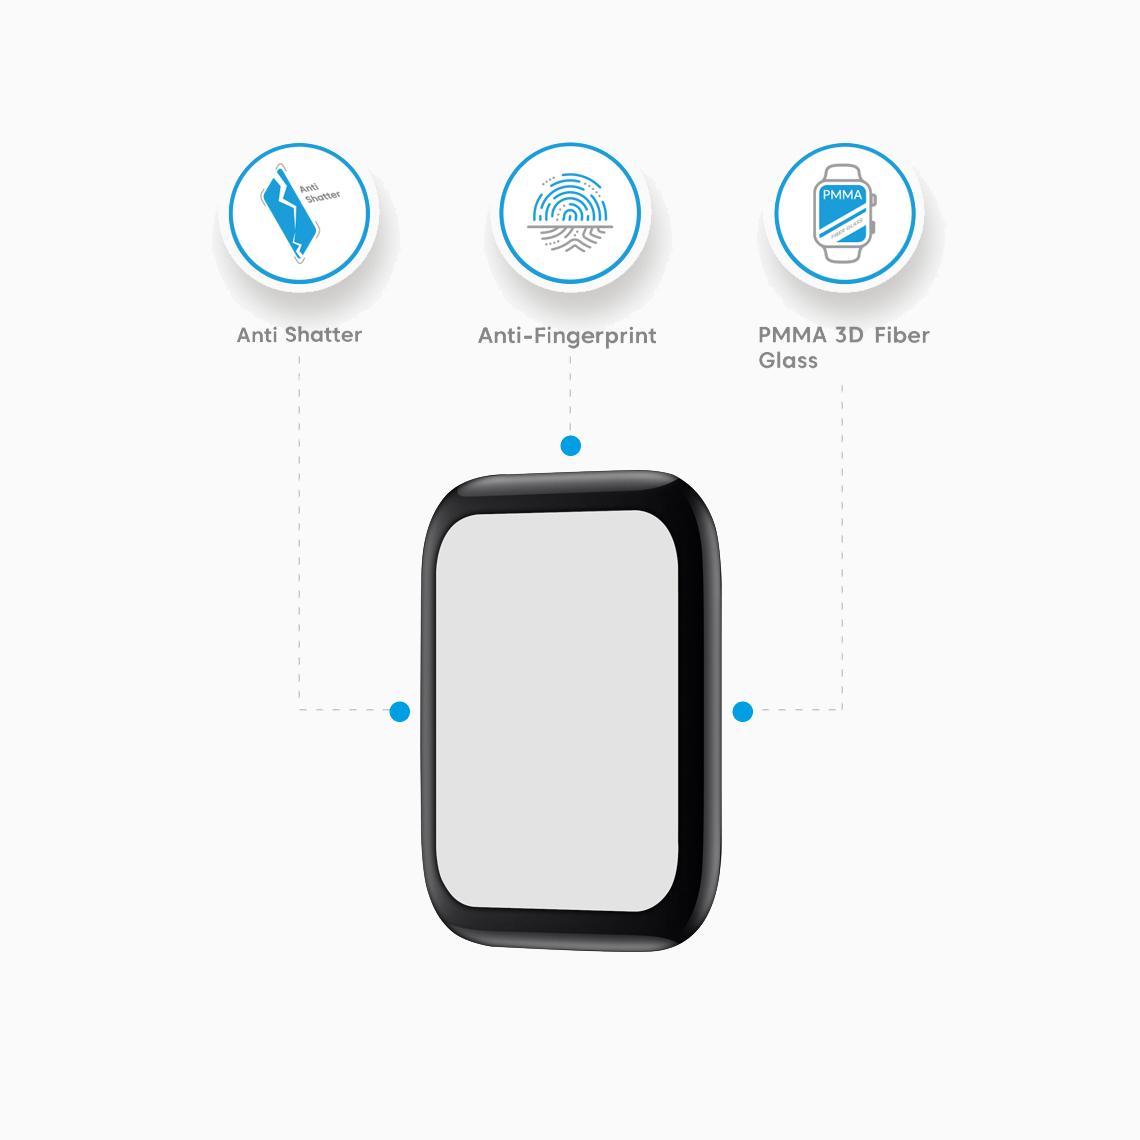 محافظ صفحه نمایش اپل واچ ۴۴ میلی متری بلینکس مدل Velvet مات